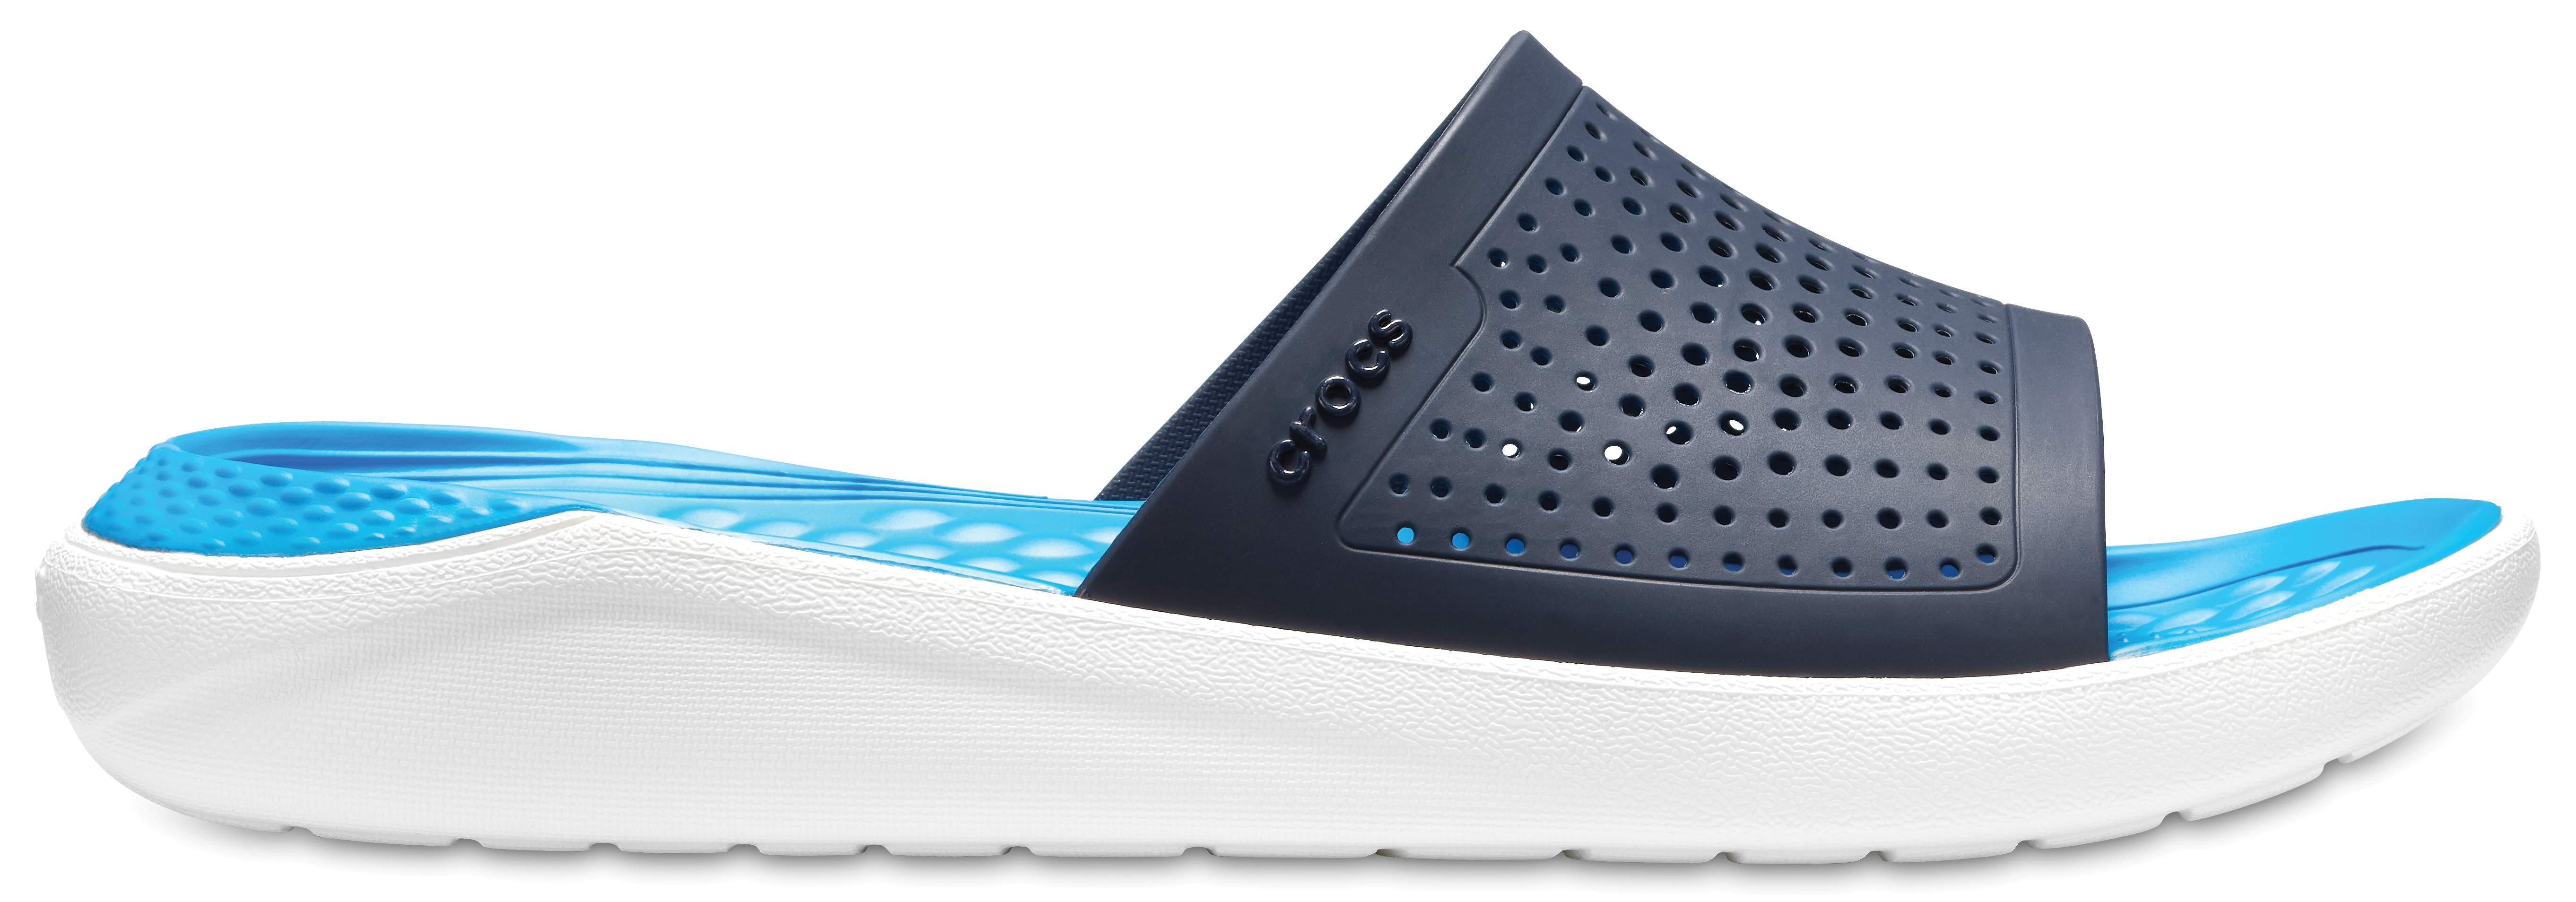 Crocs Unisex Adults Literide Slide